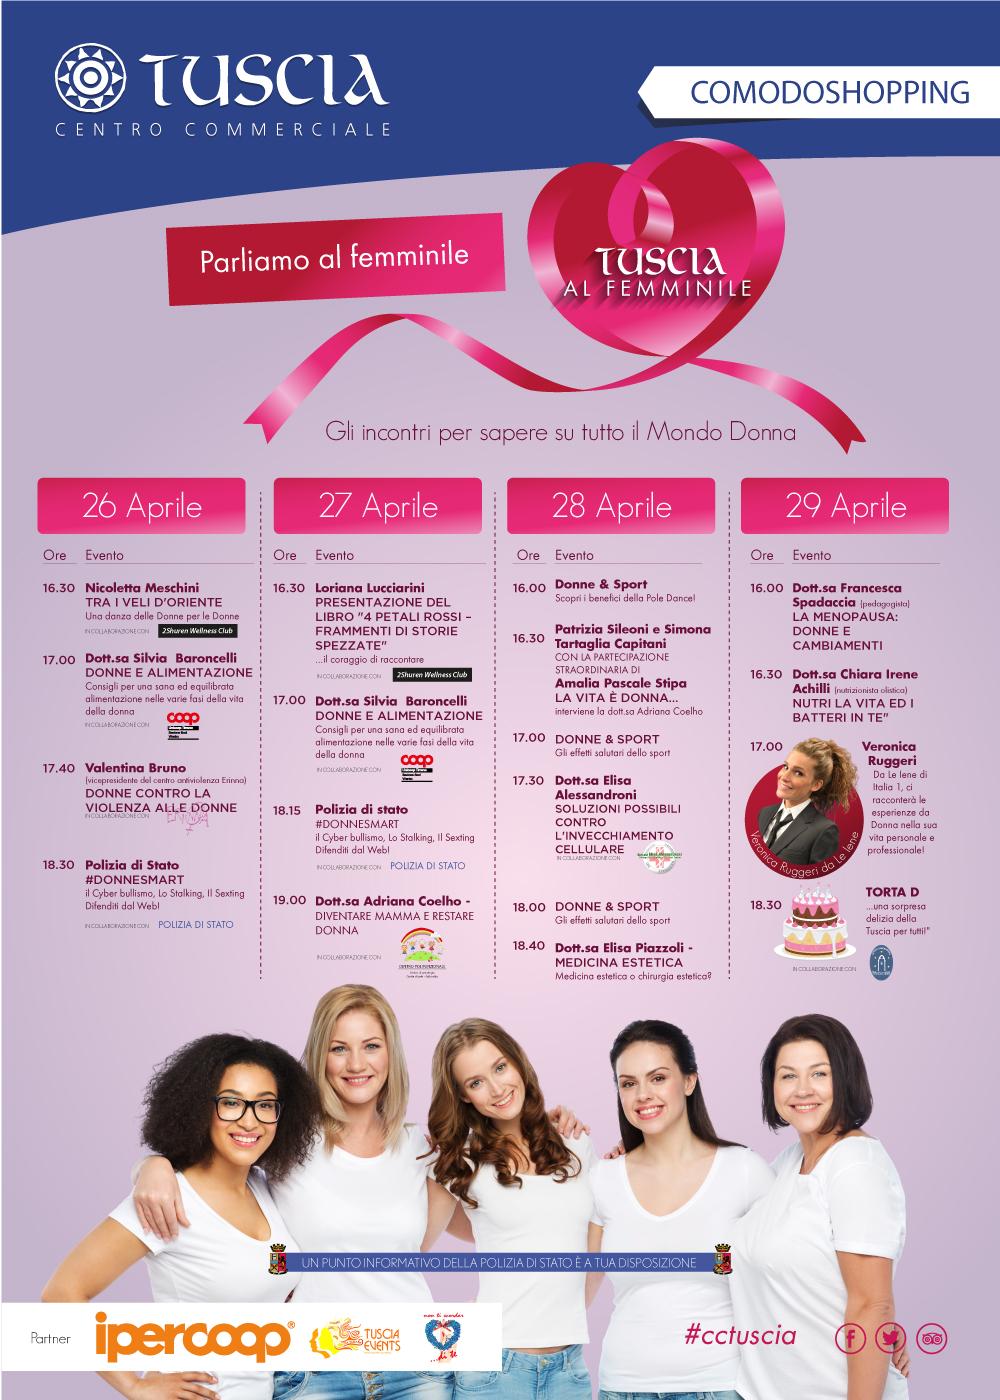 Tuscia Eventi Appuntamenti Tuscia Al Femminile Protagonisti La Salute Ed Il Benessere Delle Donne